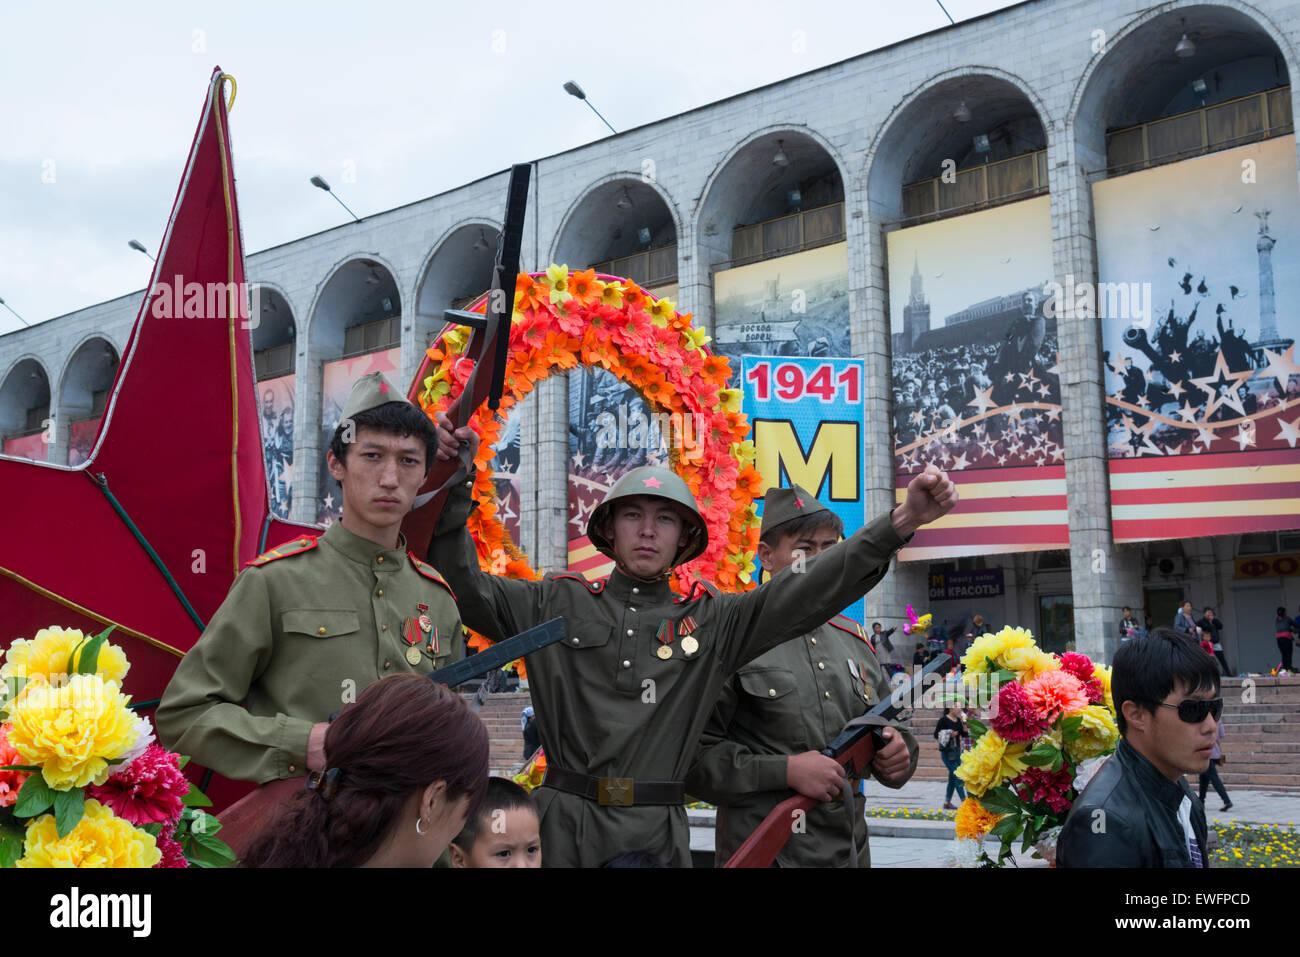 Festeggiamenti per il settantesimo anniversario della vittoria al giorno. Ala-Too square. Bishkek. Il Kirghizistan. Immagini Stock